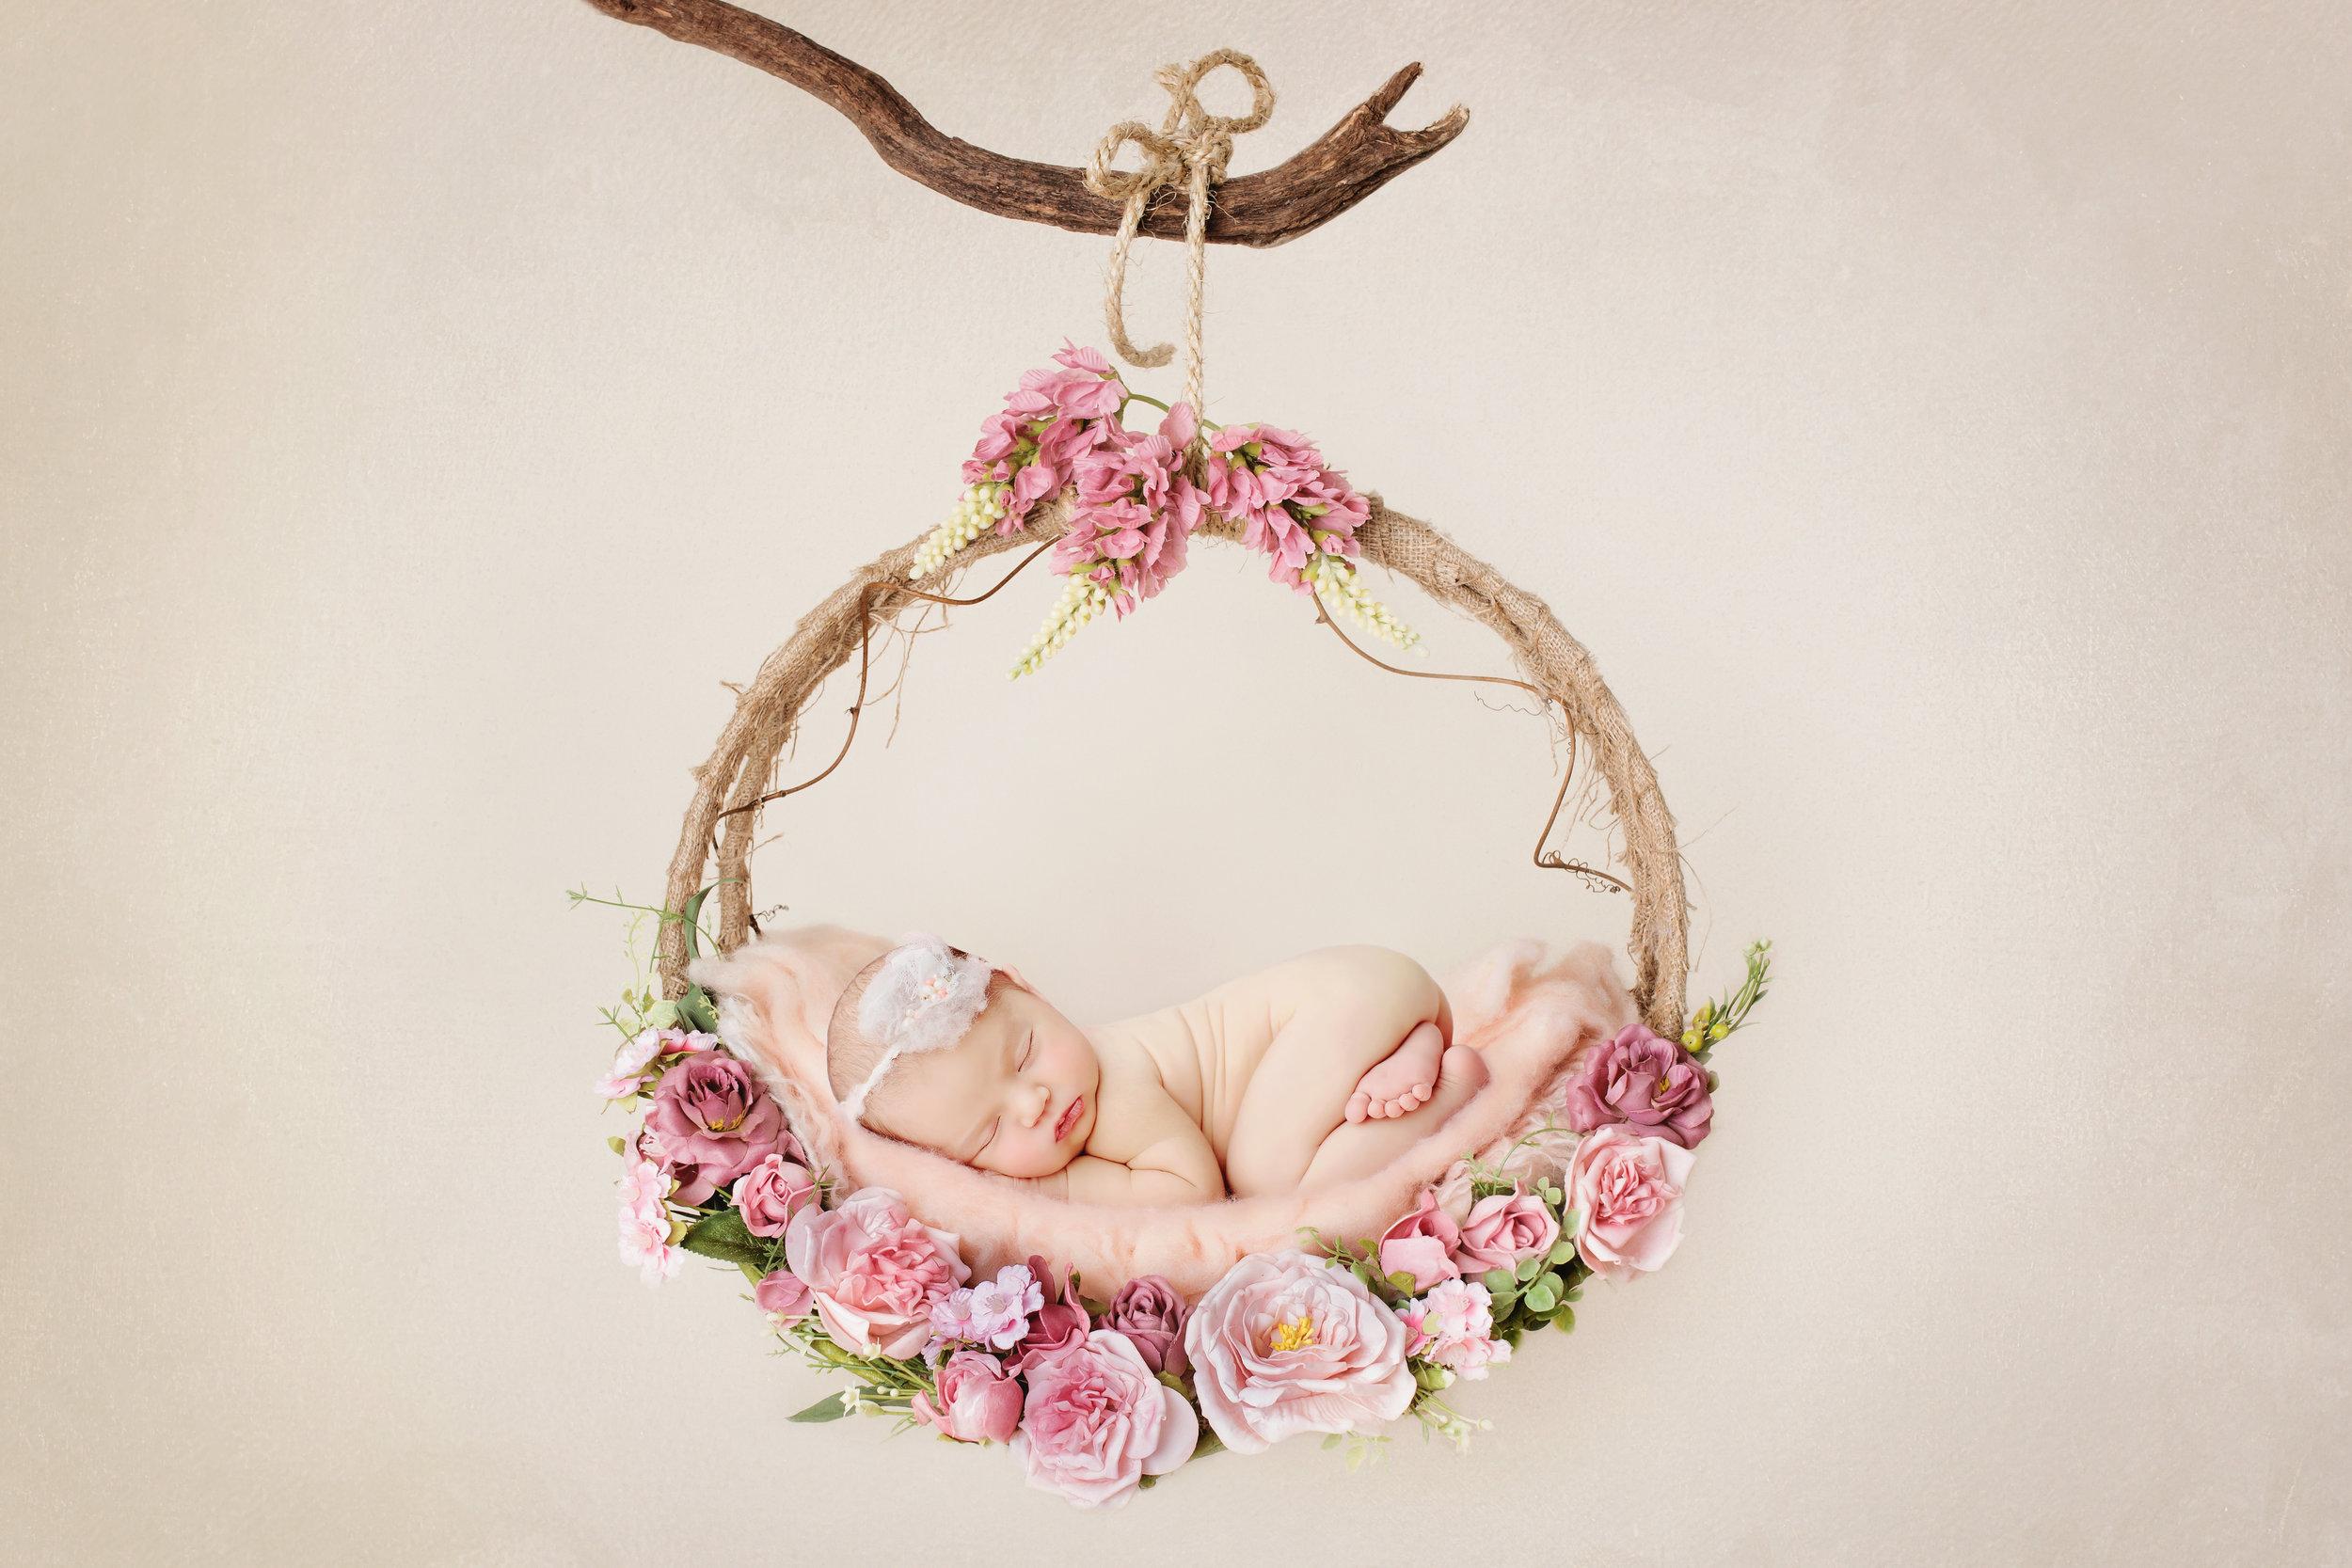 Bravo Bianca pour ton travail magnifique. On a fait des photos de famille avant la naissance de bébé et une séance après sa naissance. Très à l'écoute de nos envies, douce et patiente avec les enfants, de très bons moments à faire les séances photos. Et au final le talent et un soupçon de magie de Bianca nous offrent des souvenirs magnifiques. Bref, vous l'avez compris, je suis conquise et vous recommande chaudement de faire appel à cette talentueuse photographe - Anne